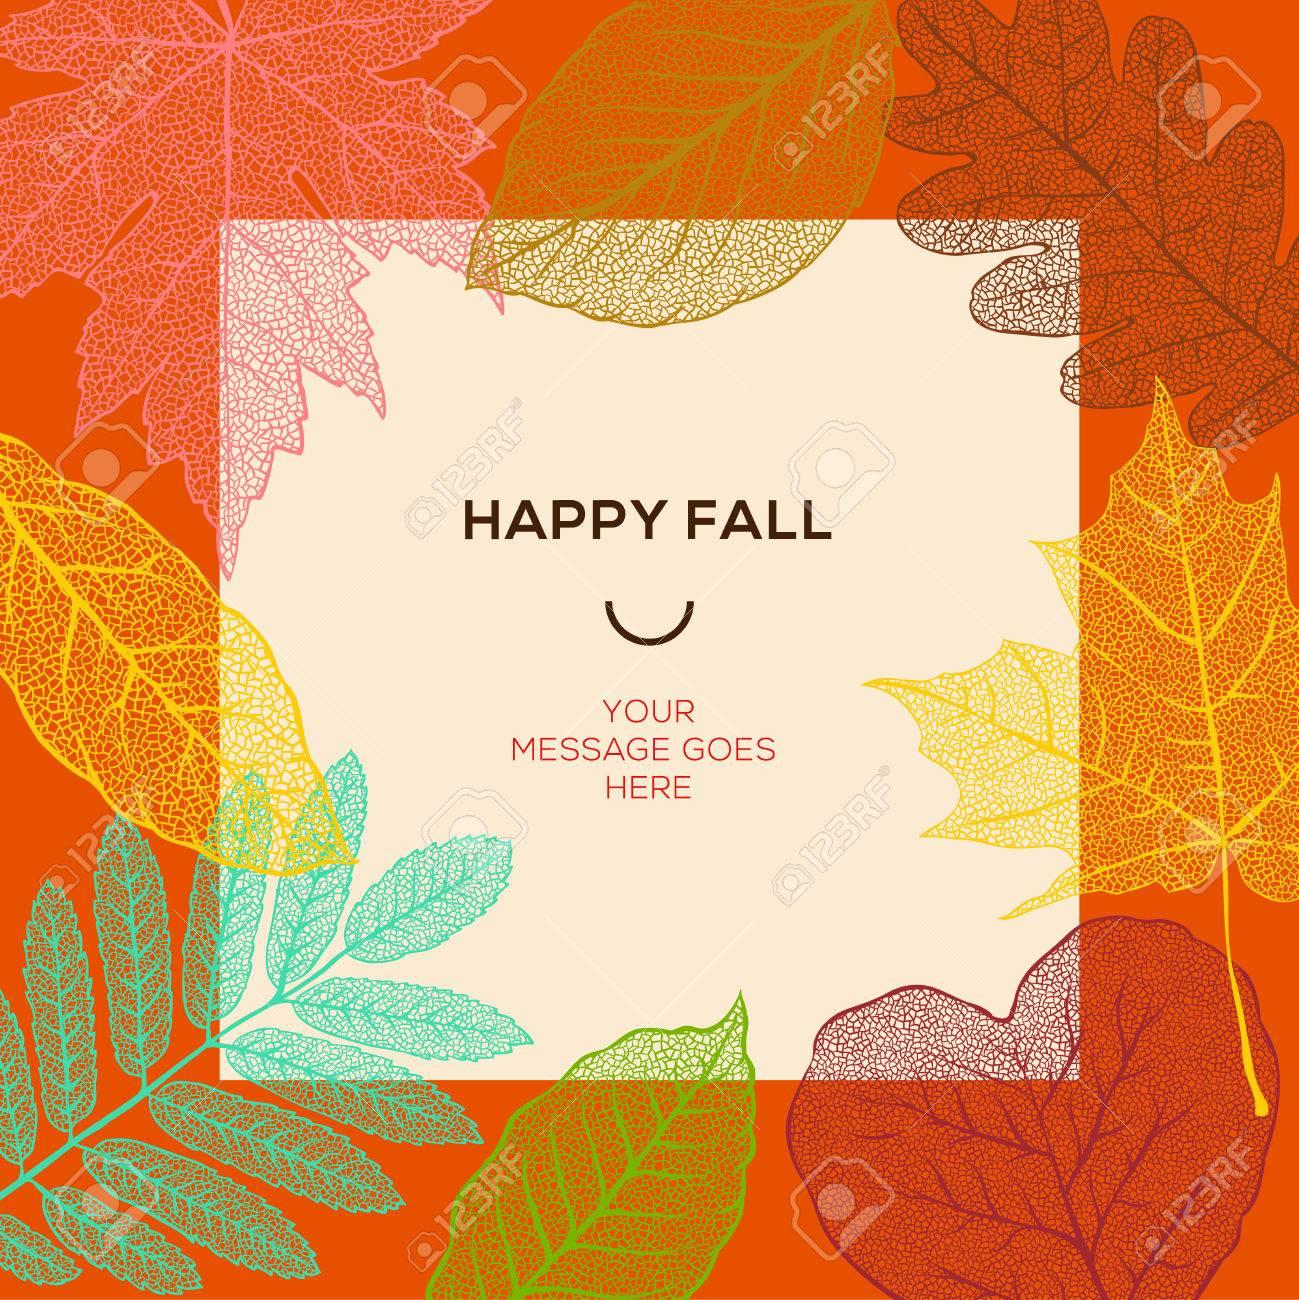 幸せな秋紅葉と単純なテキストベクトル イラスト テンプレートですの